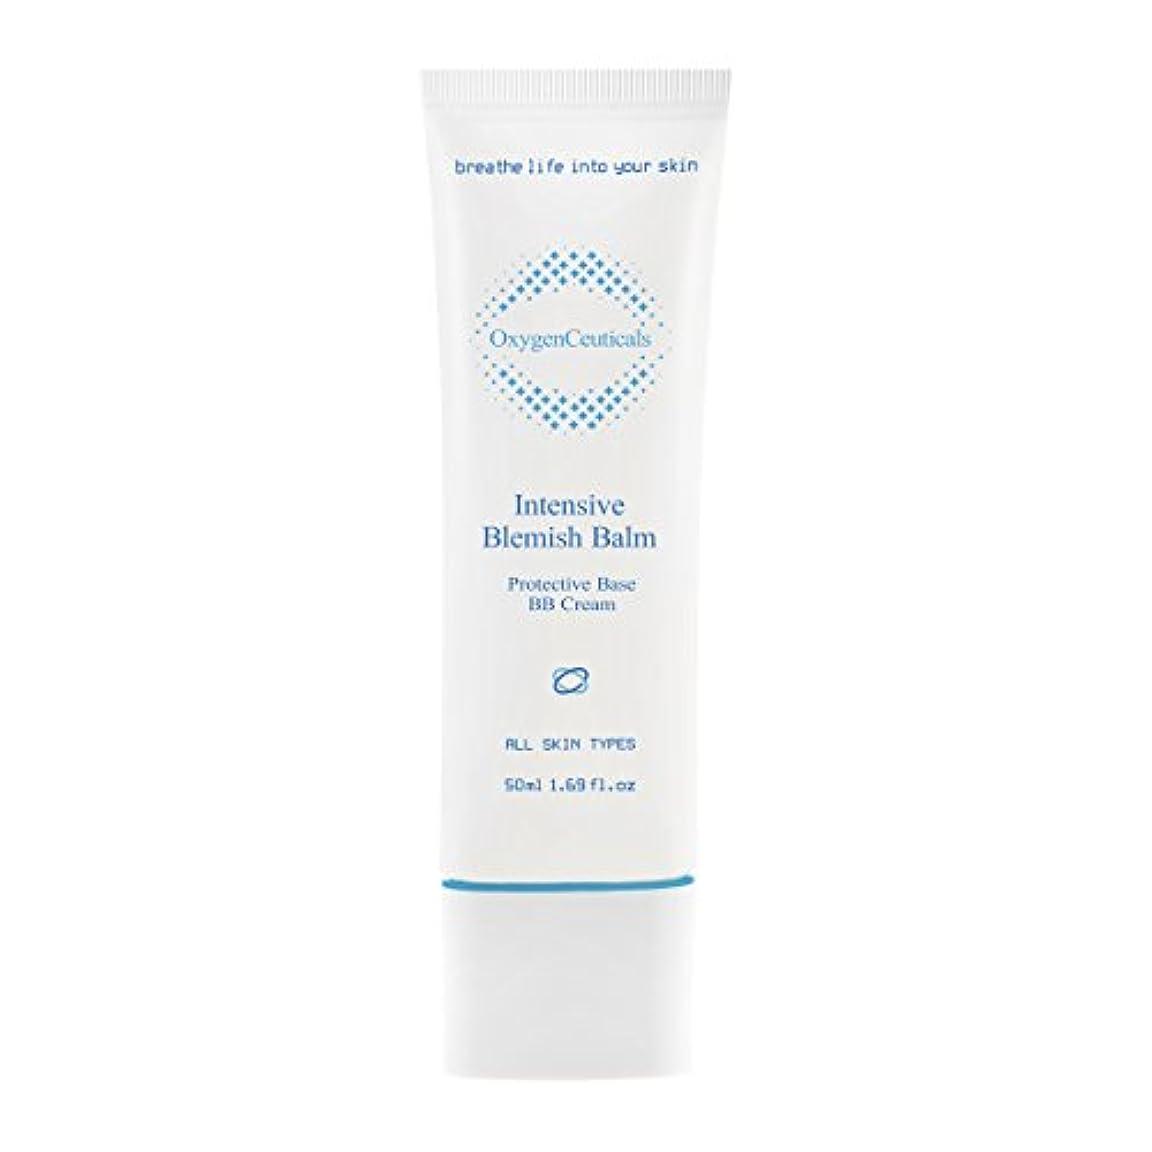 受賞教授商人[ Oxygen Ceuticals ] オキシジェンシューティカルズ 酸素BBクリーム[再.生BB] 50ml. Intensive Blemish Balm(BB Cream) 50ml. X Mask Pack 1p.